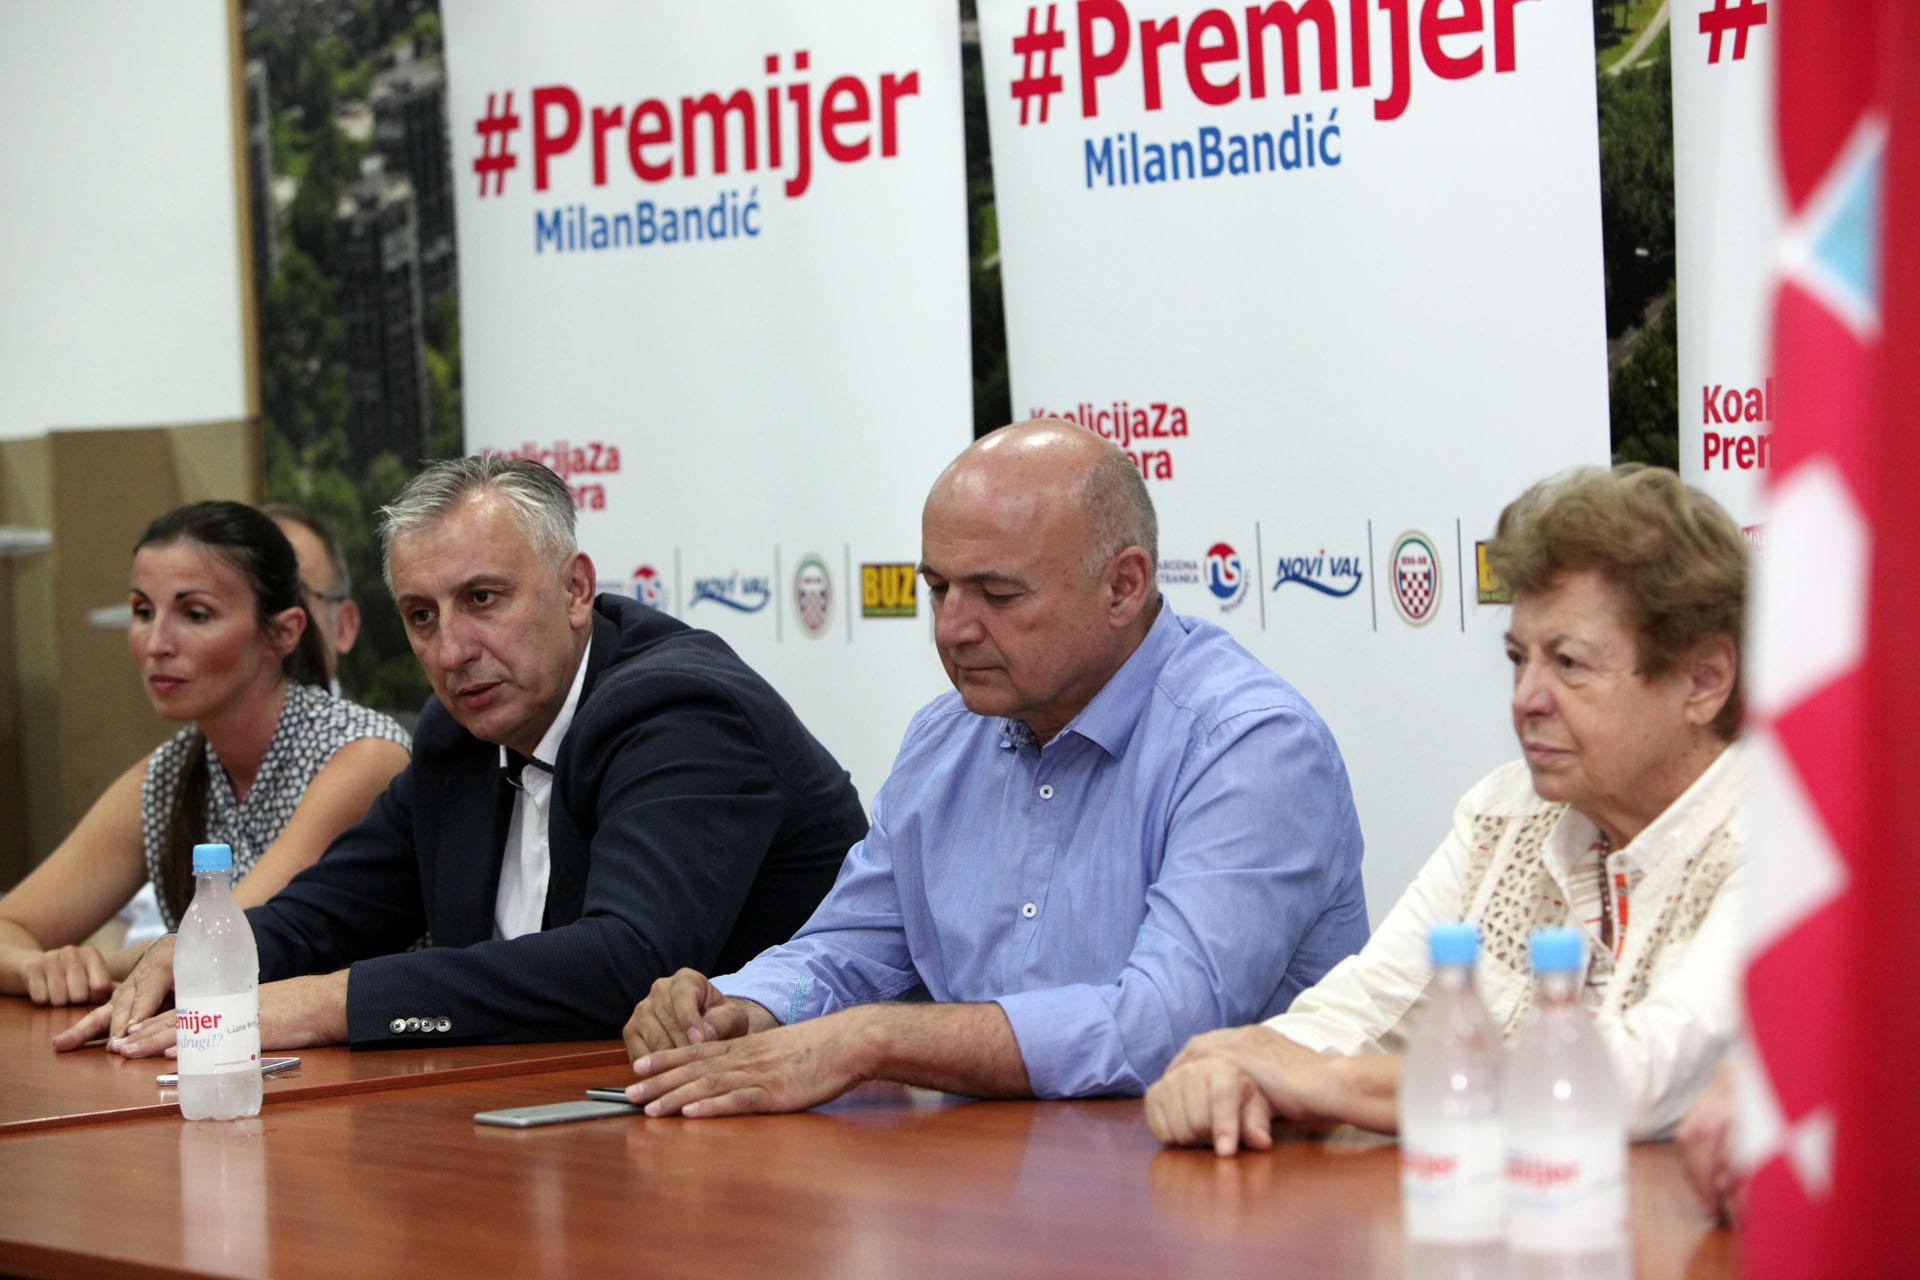 LJUBO JURČIĆ: Zašto sam u Koaliciji za premijera - razlog je vrlo jednostavan, Milan je dobar čovjek 1